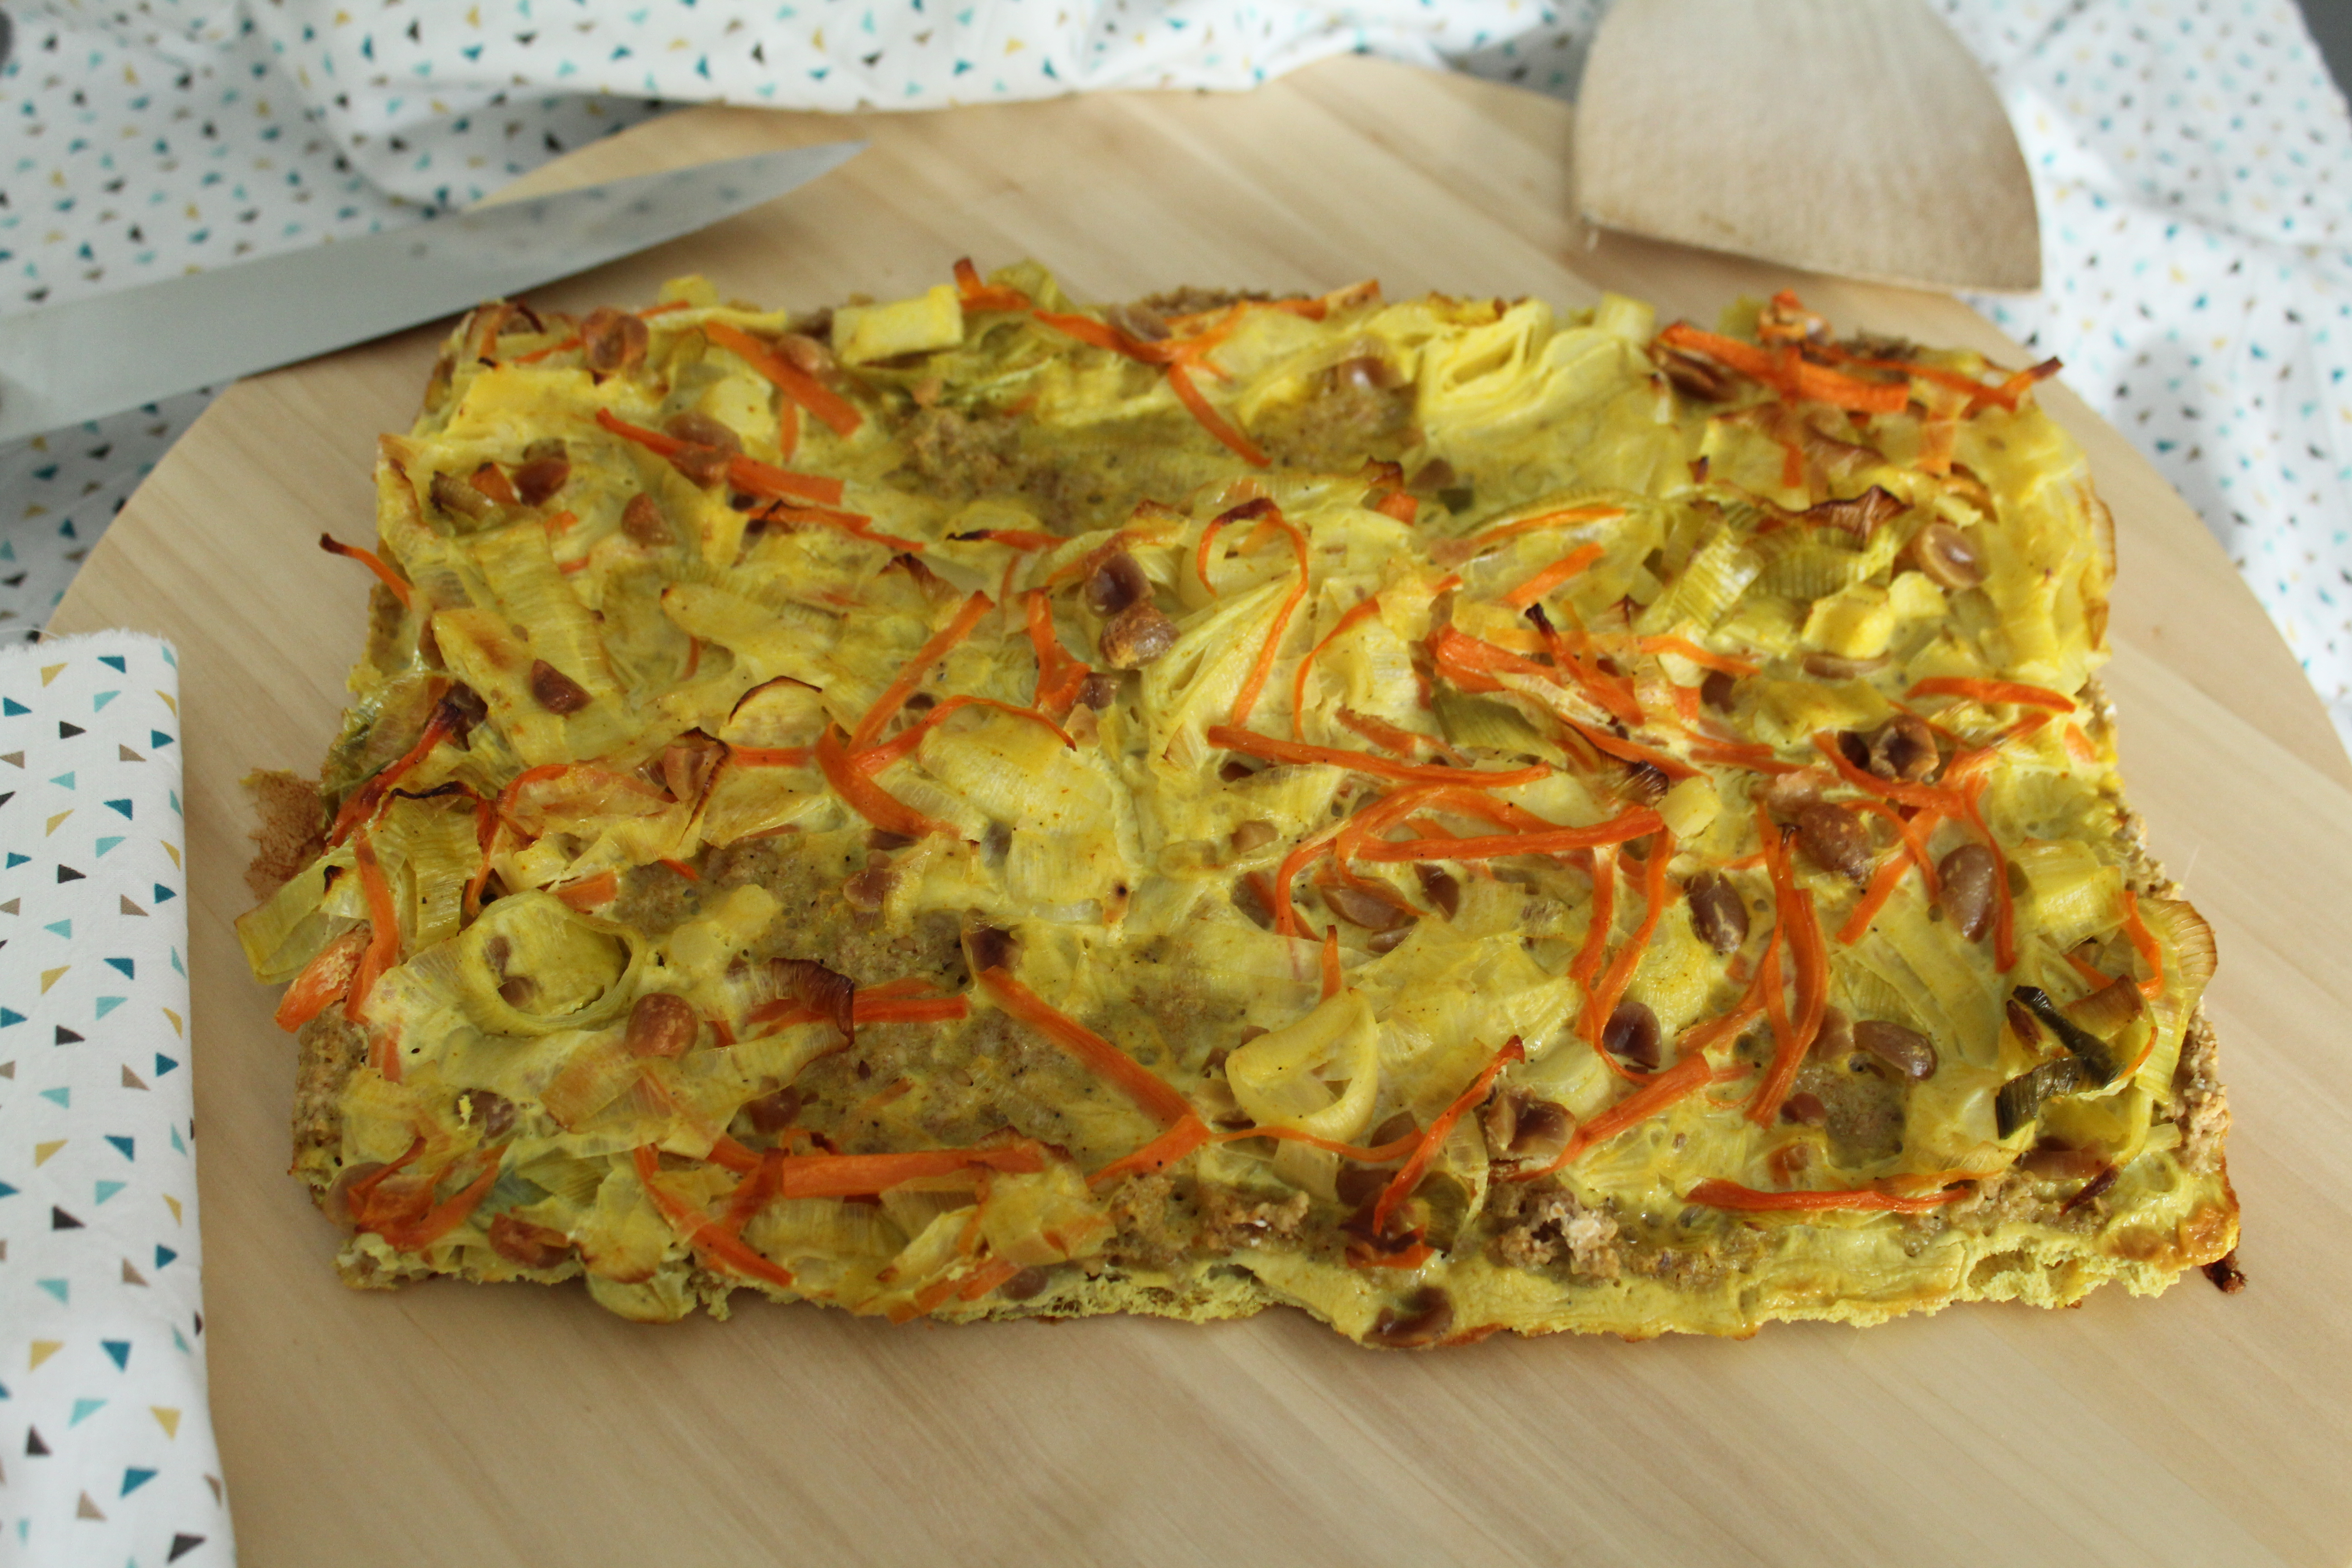 Tarte rustique aux flocons d 39 avoine carottes et poireaux sans plv qui aime cuisiner aime - Tarte aux poireaux sans oeufs ...